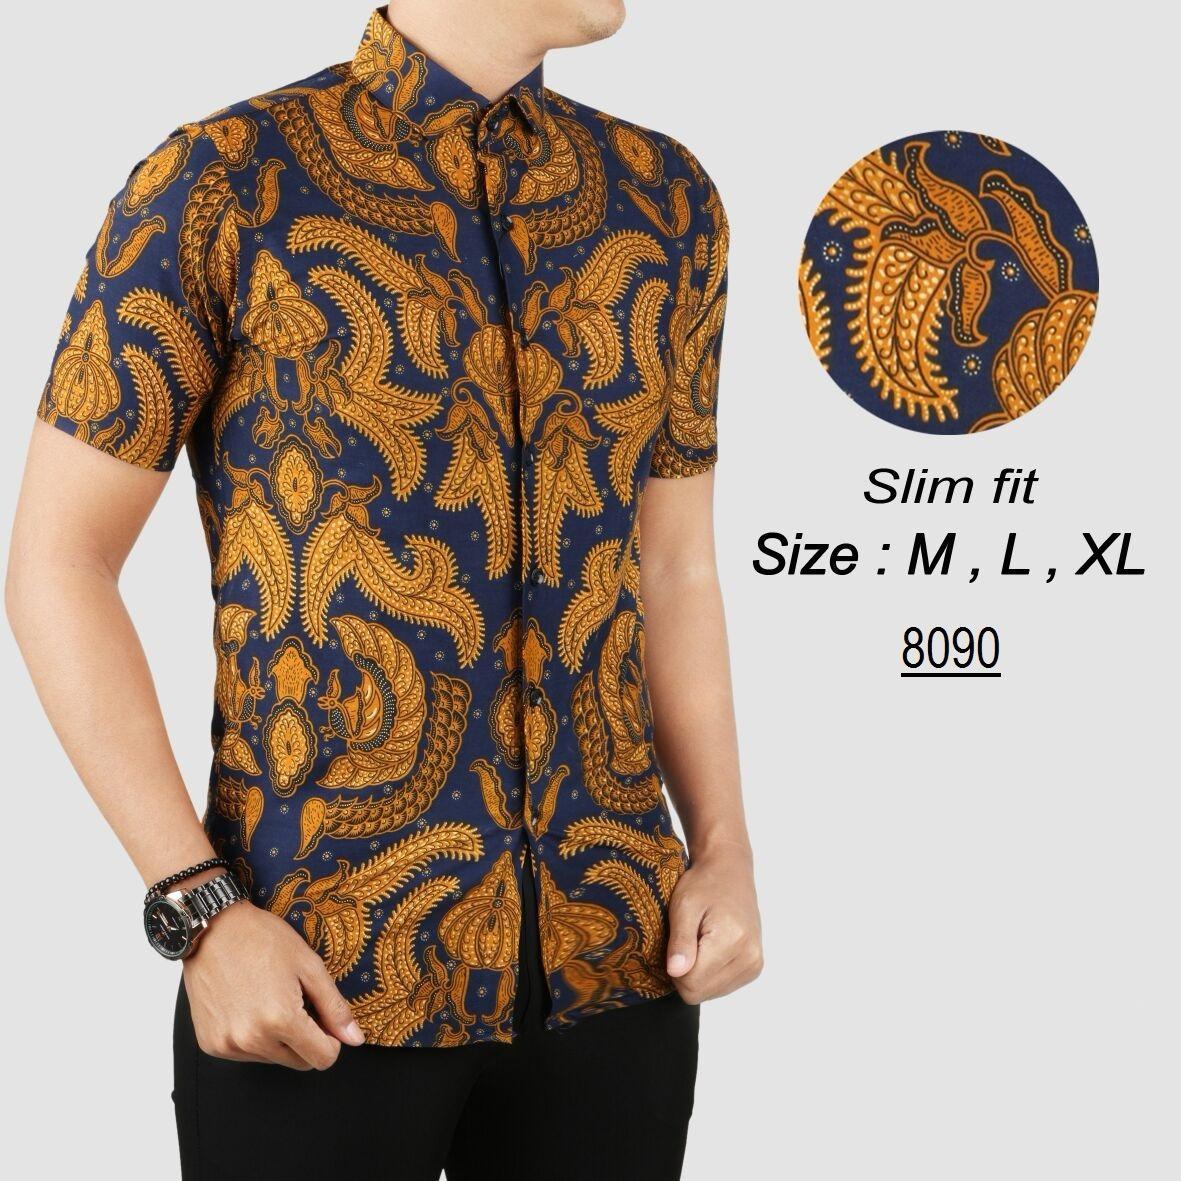 Kemeja model Slim Fit Baju Batik Modern Kemeja Pria Slim fit s8090